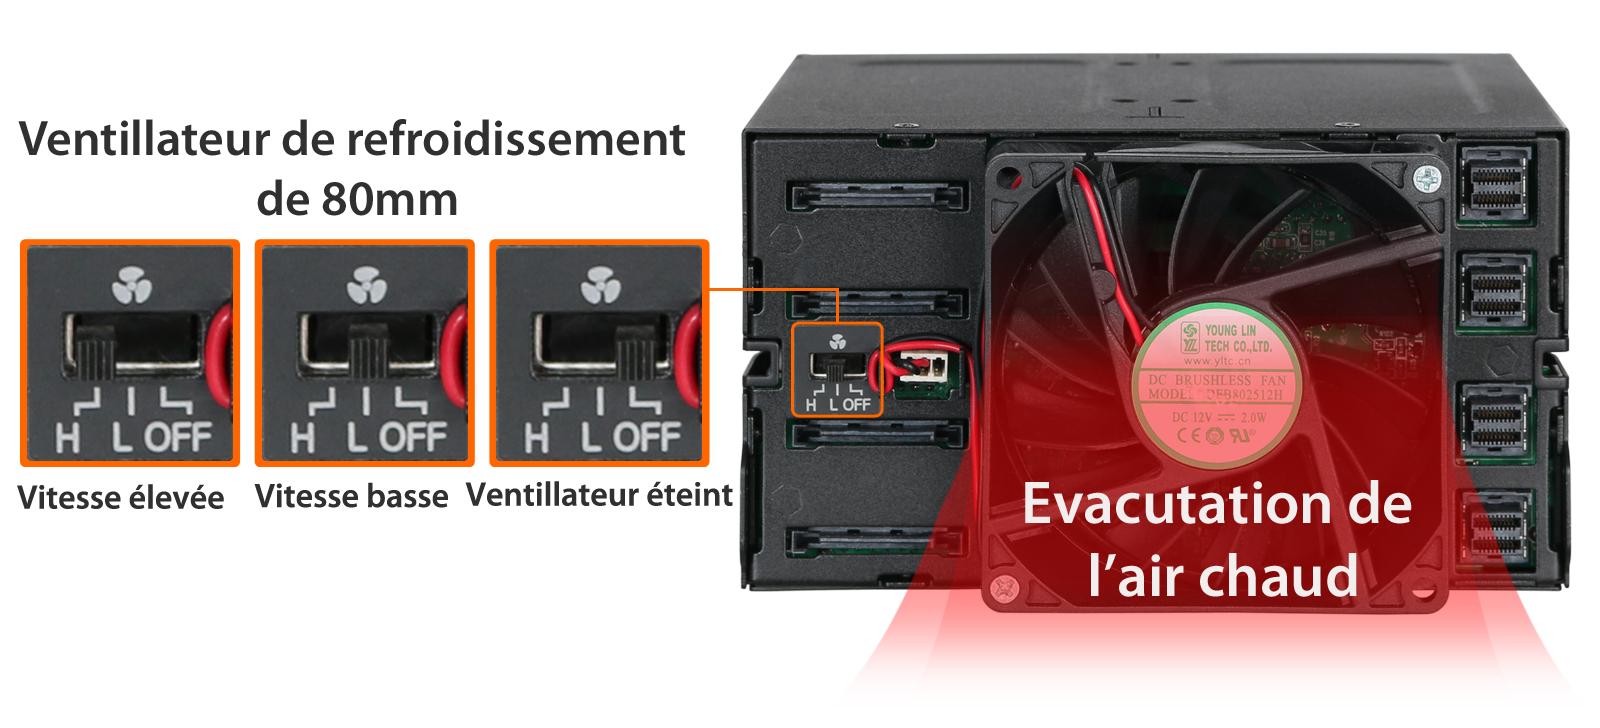 Photo du ventilateur de refroidissement du MB516SP-B et de ses 3 modes (vitesse élevée / vitesse basse / ventilateur éteint)